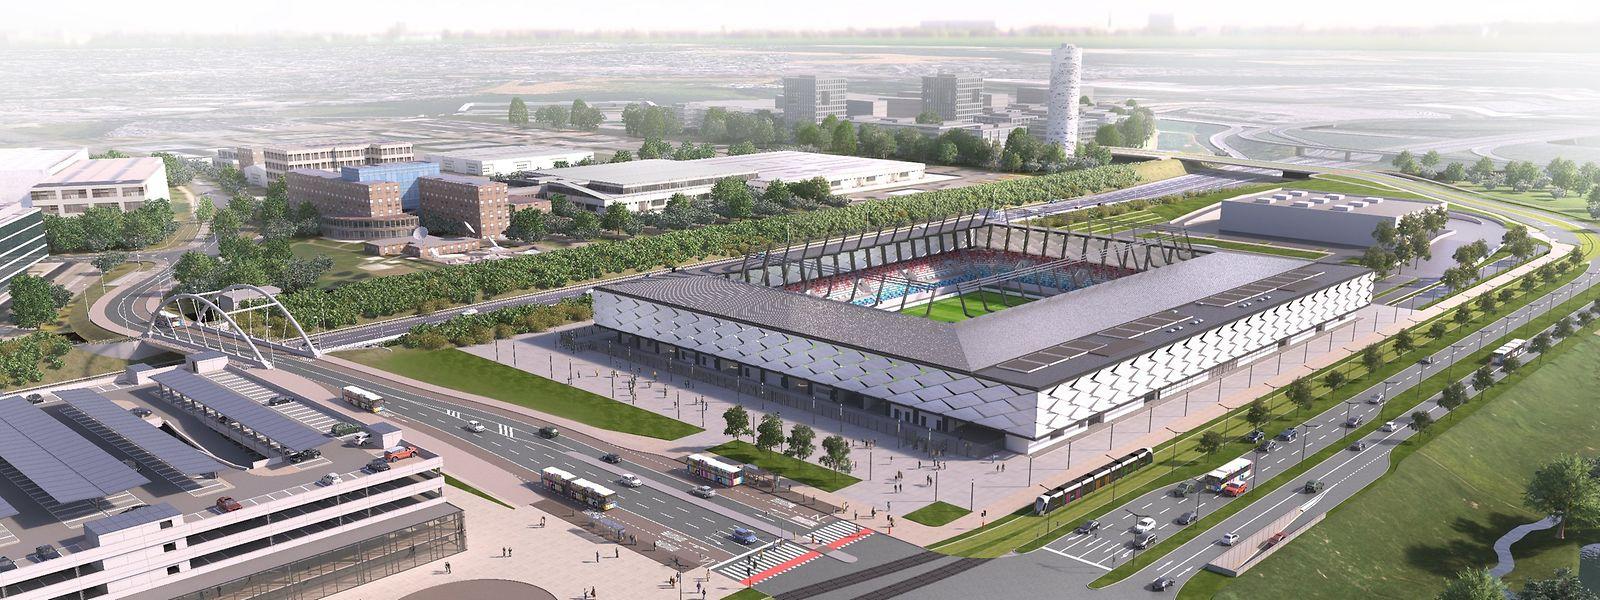 Si le nouveau stade national devrait être livré lors du troisième trimestre, il faudra attendre 2022 pour que le parking et le pôle d'échange soient opérationnels.